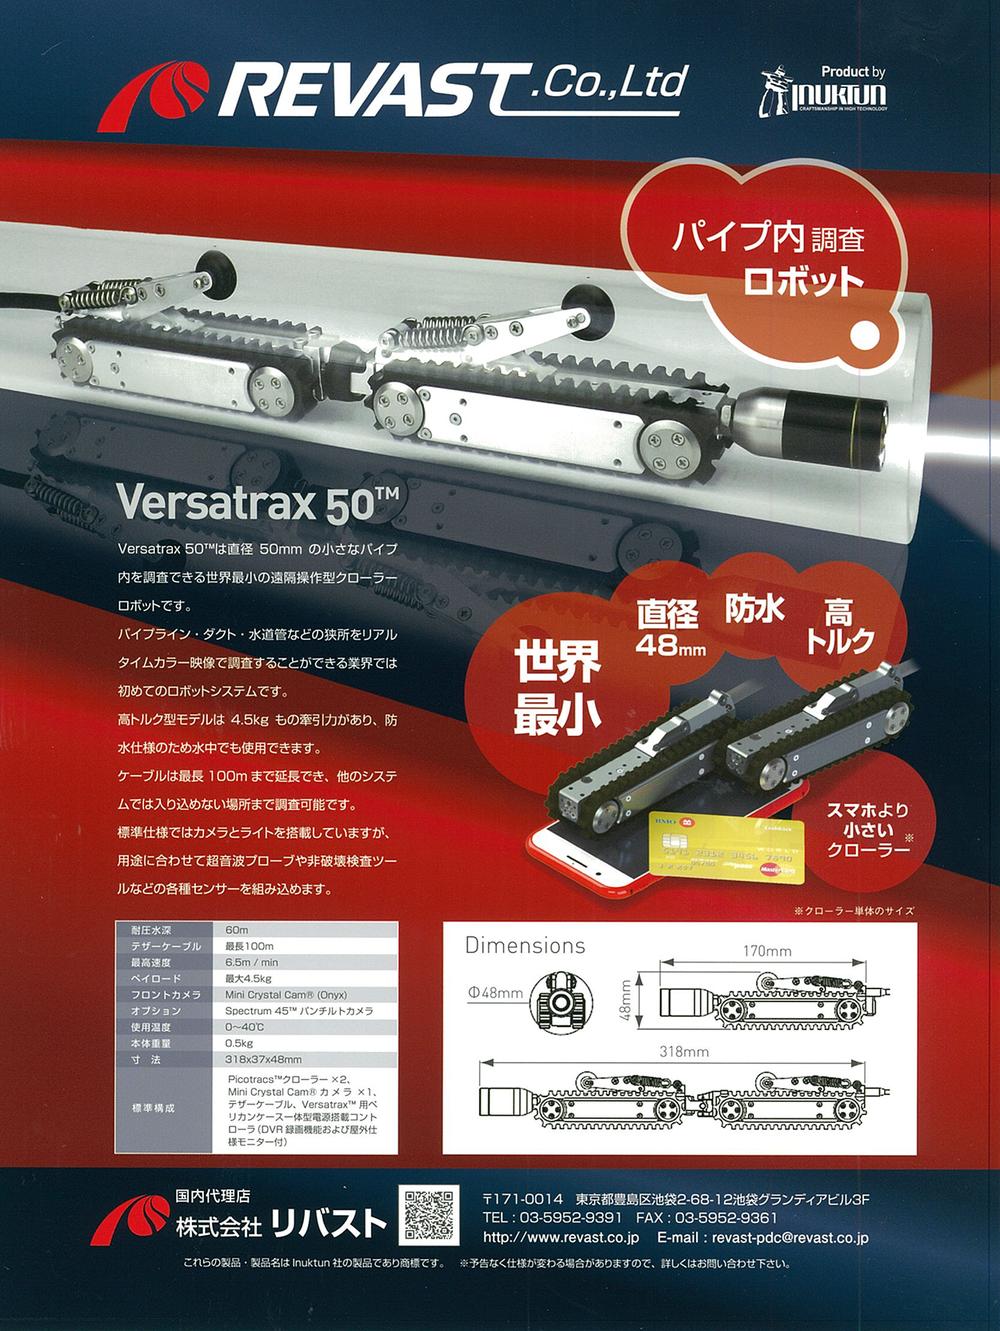 Revast Versatrax 50 Ad.png